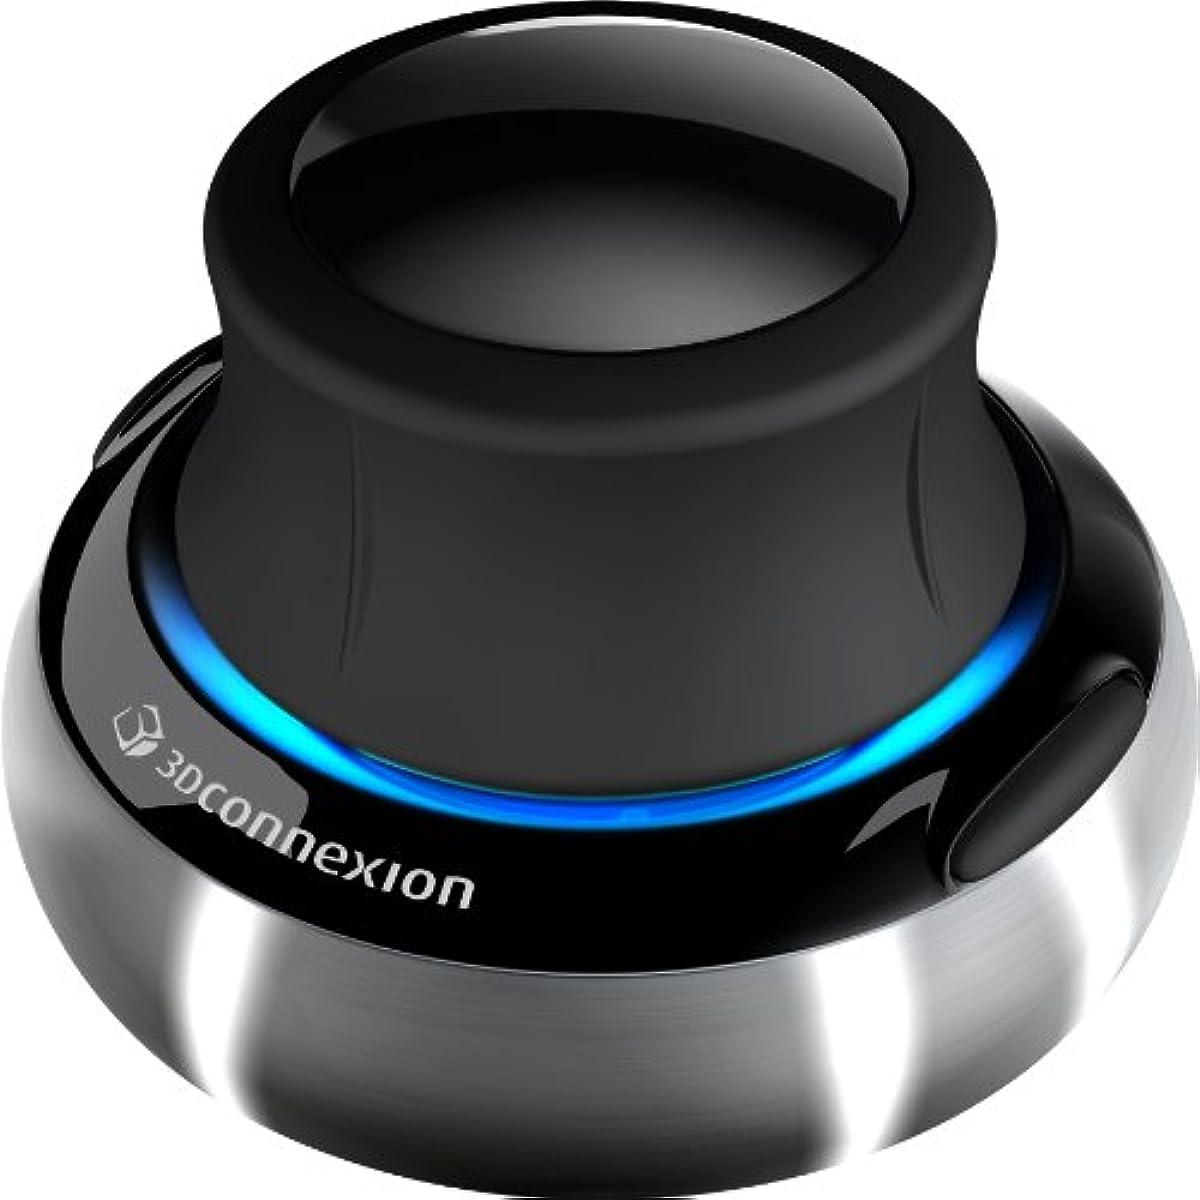 [해외] 3Dconnexion 3D 마우스 SNSE 3DX-700028